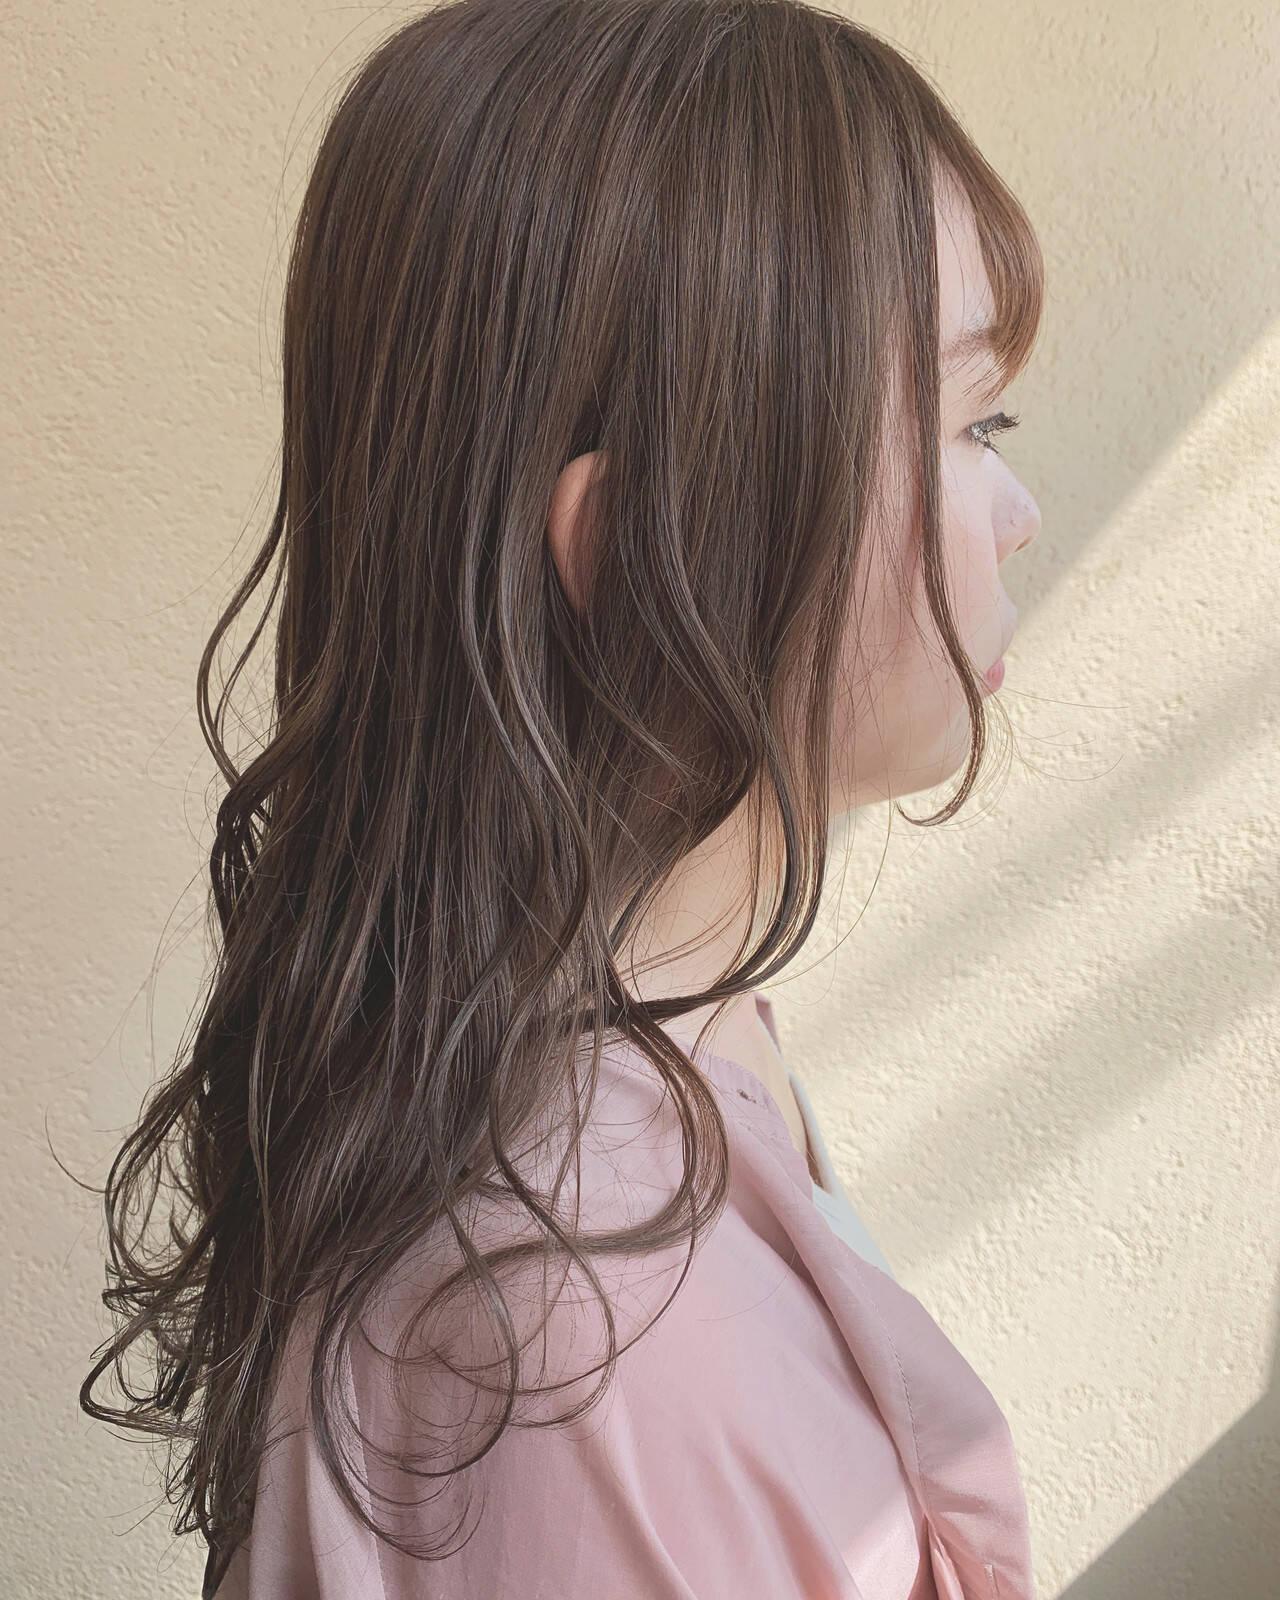 オリーブグレージュ ナチュラル レイヤーカット ロングヘアスタイルや髪型の写真・画像